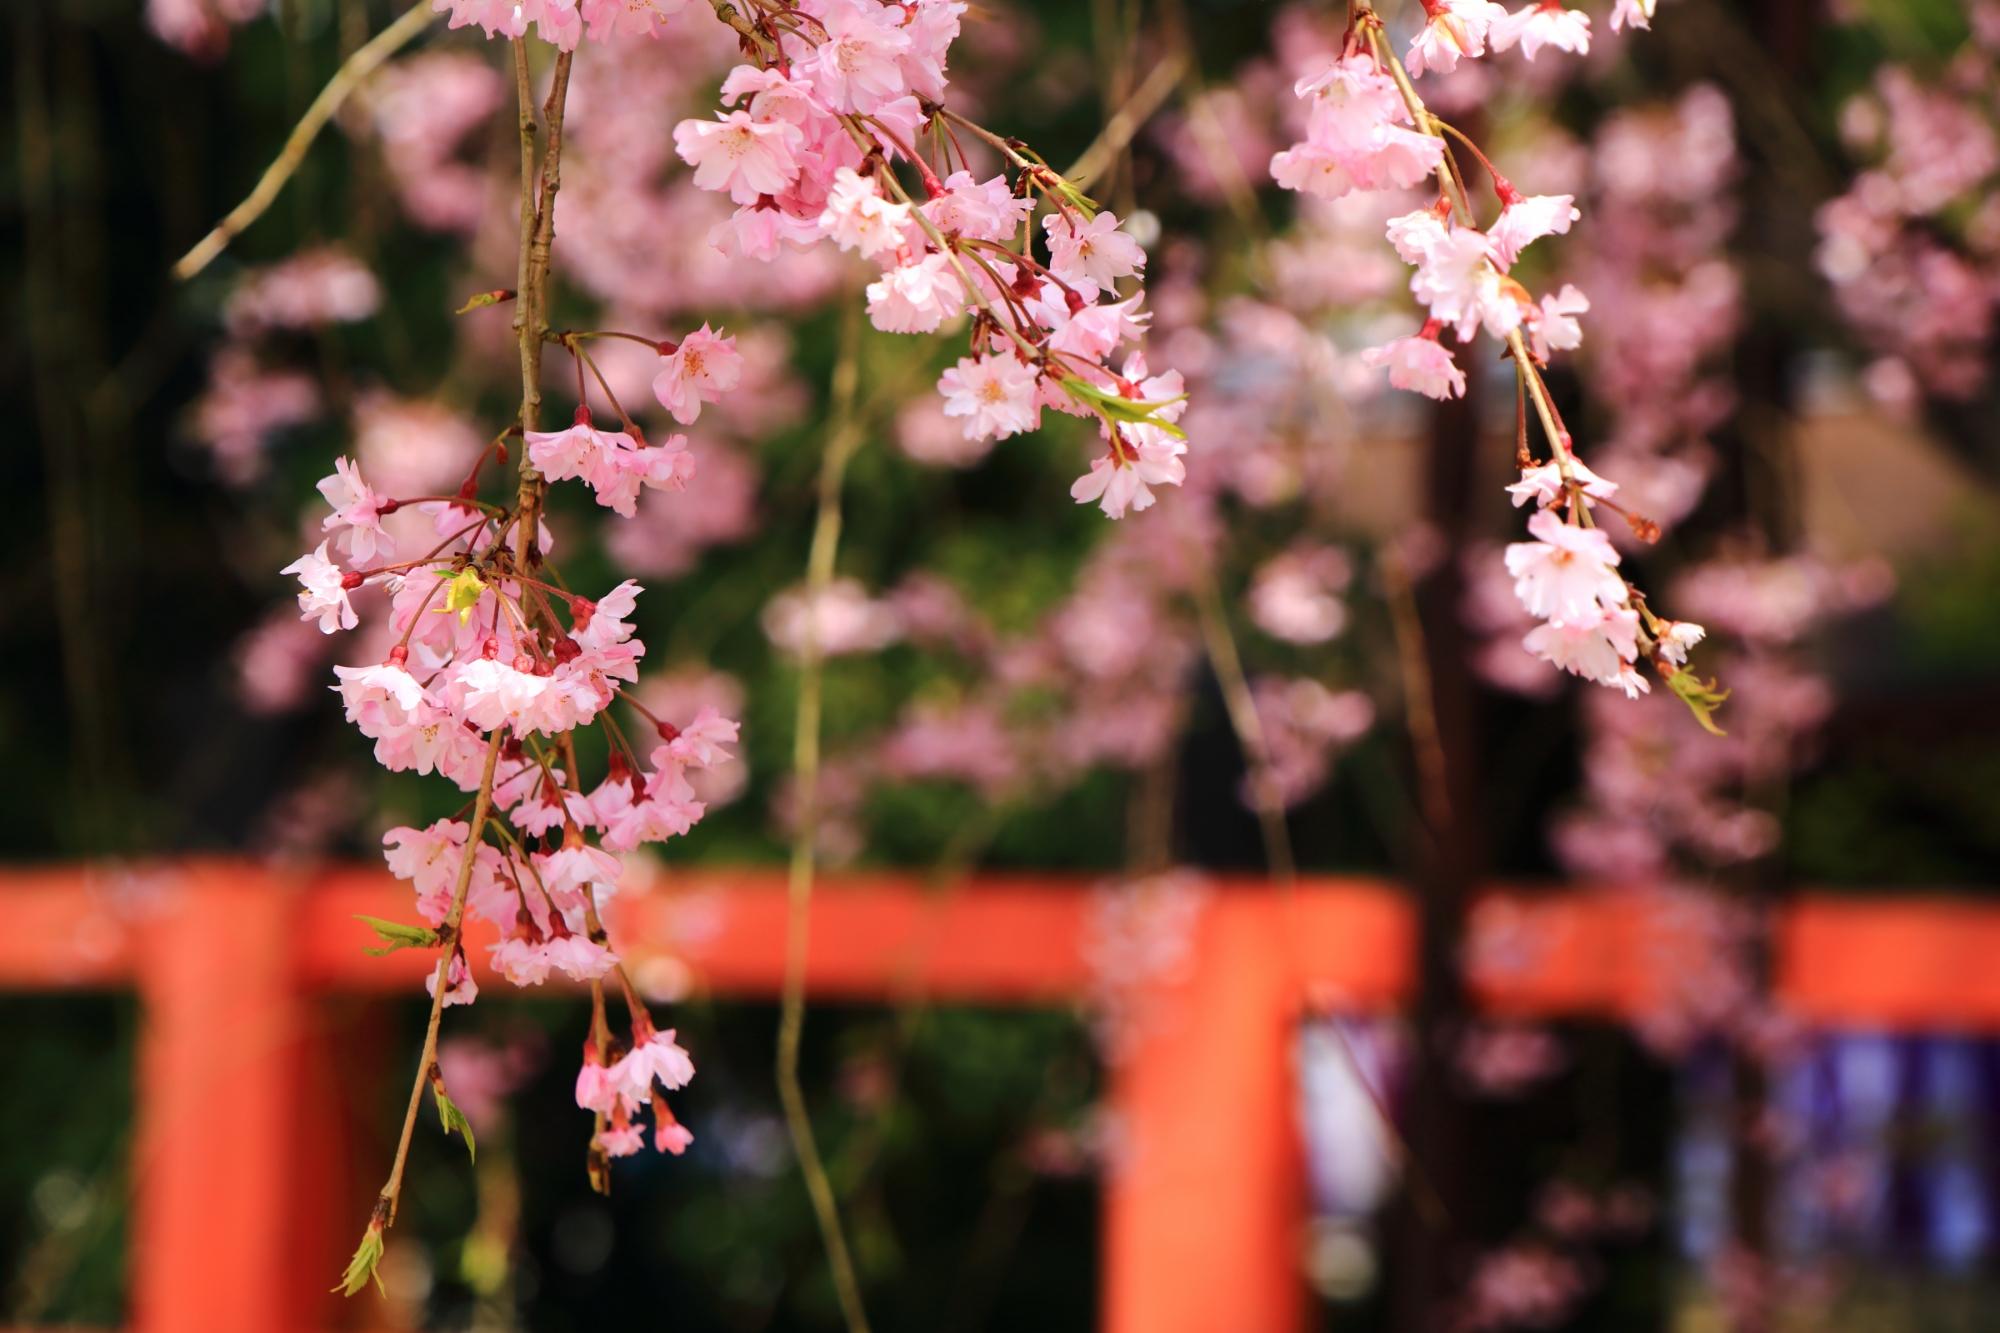 しなやかに風に揺らぐピンクの花